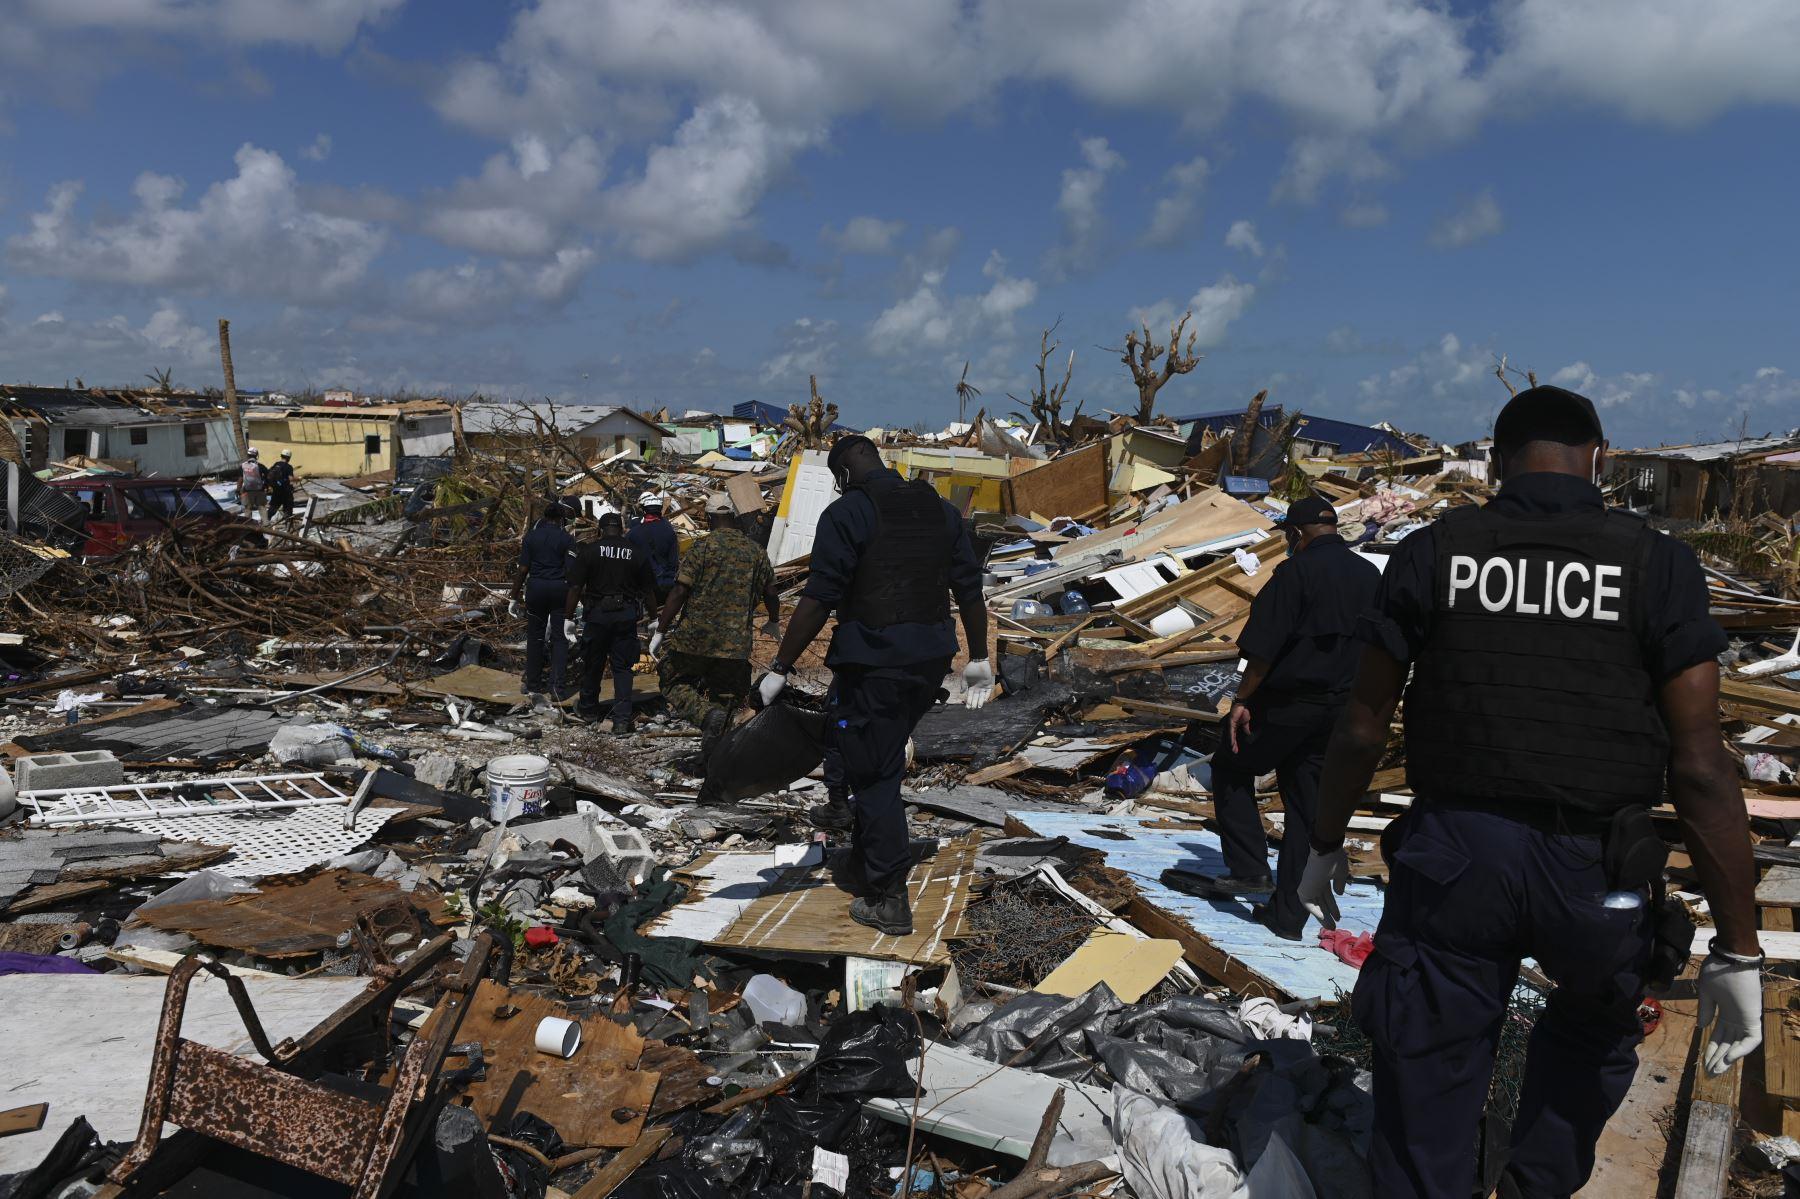 Miembros de la policía se unen a un equipo de recuperación que busca en los escombros en Marsh Harbour, Bahamas, una semana después del paso del huracán Dorian. Foto:AFP